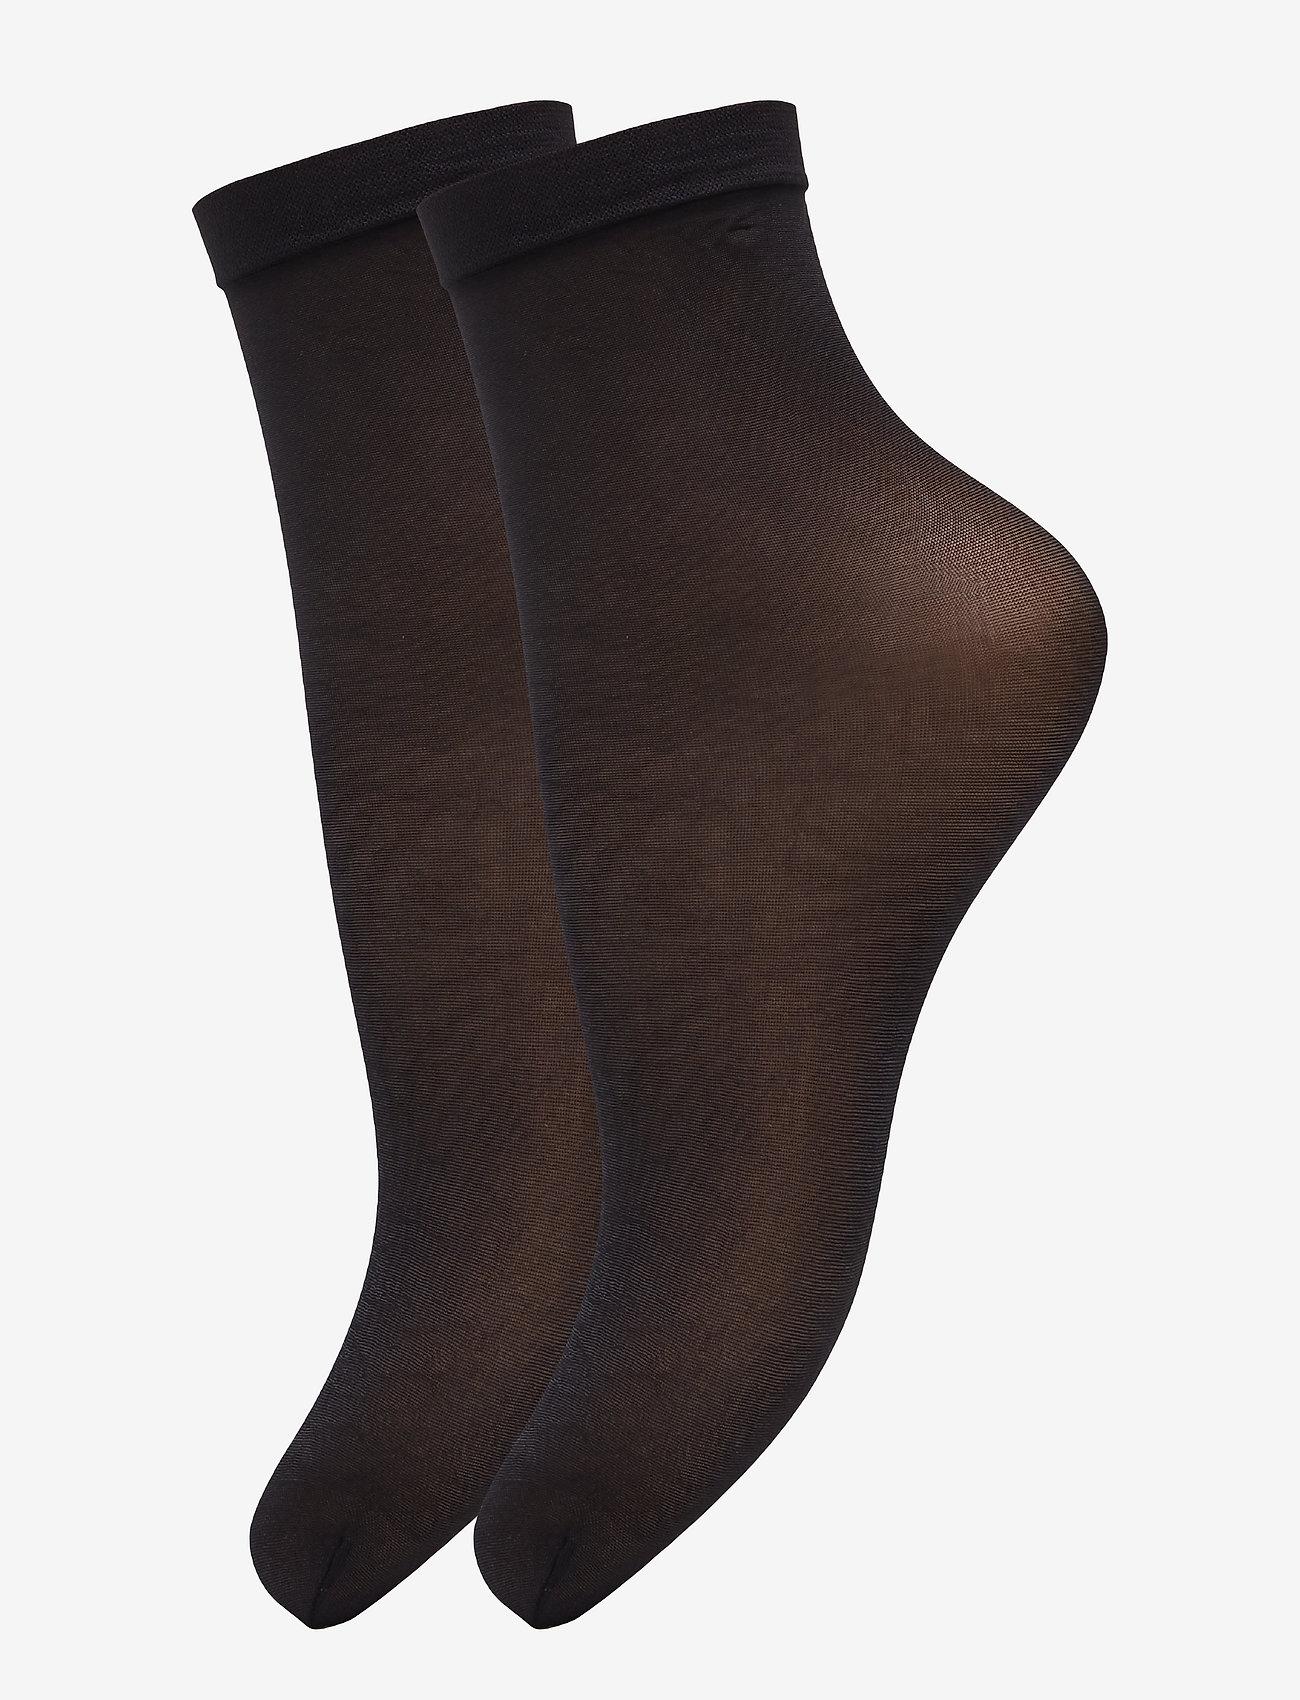 Vogue - Ladies den anklesock, Pleasure Socks 20, 2-pack - sokken - black - 0